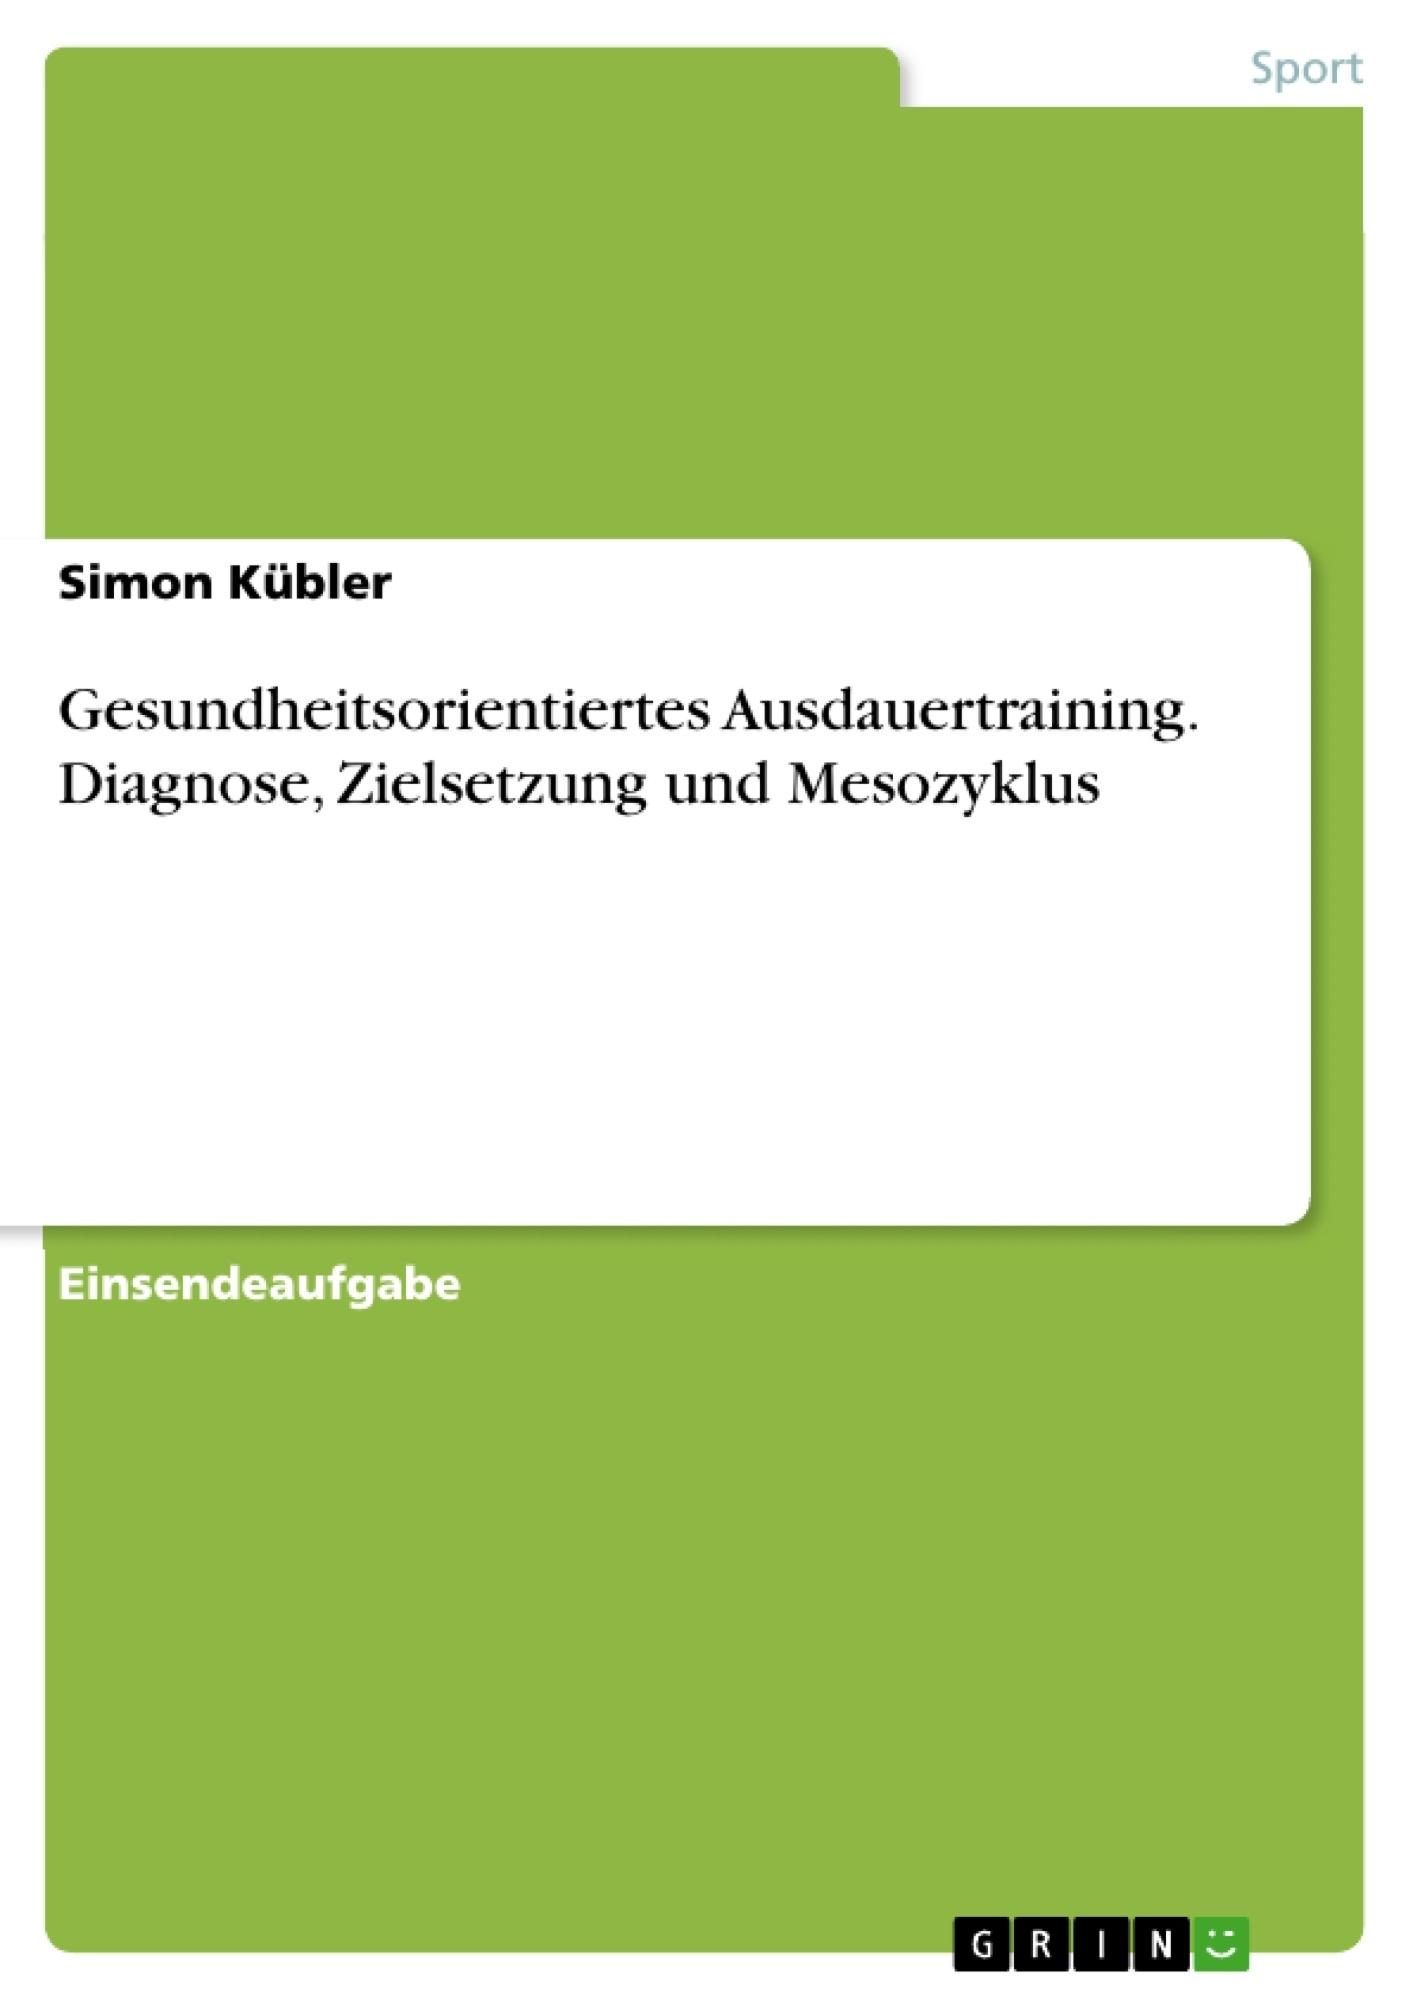 Titel: Gesundheitsorientiertes Ausdauertraining. Diagnose, Zielsetzung und Mesozyklus